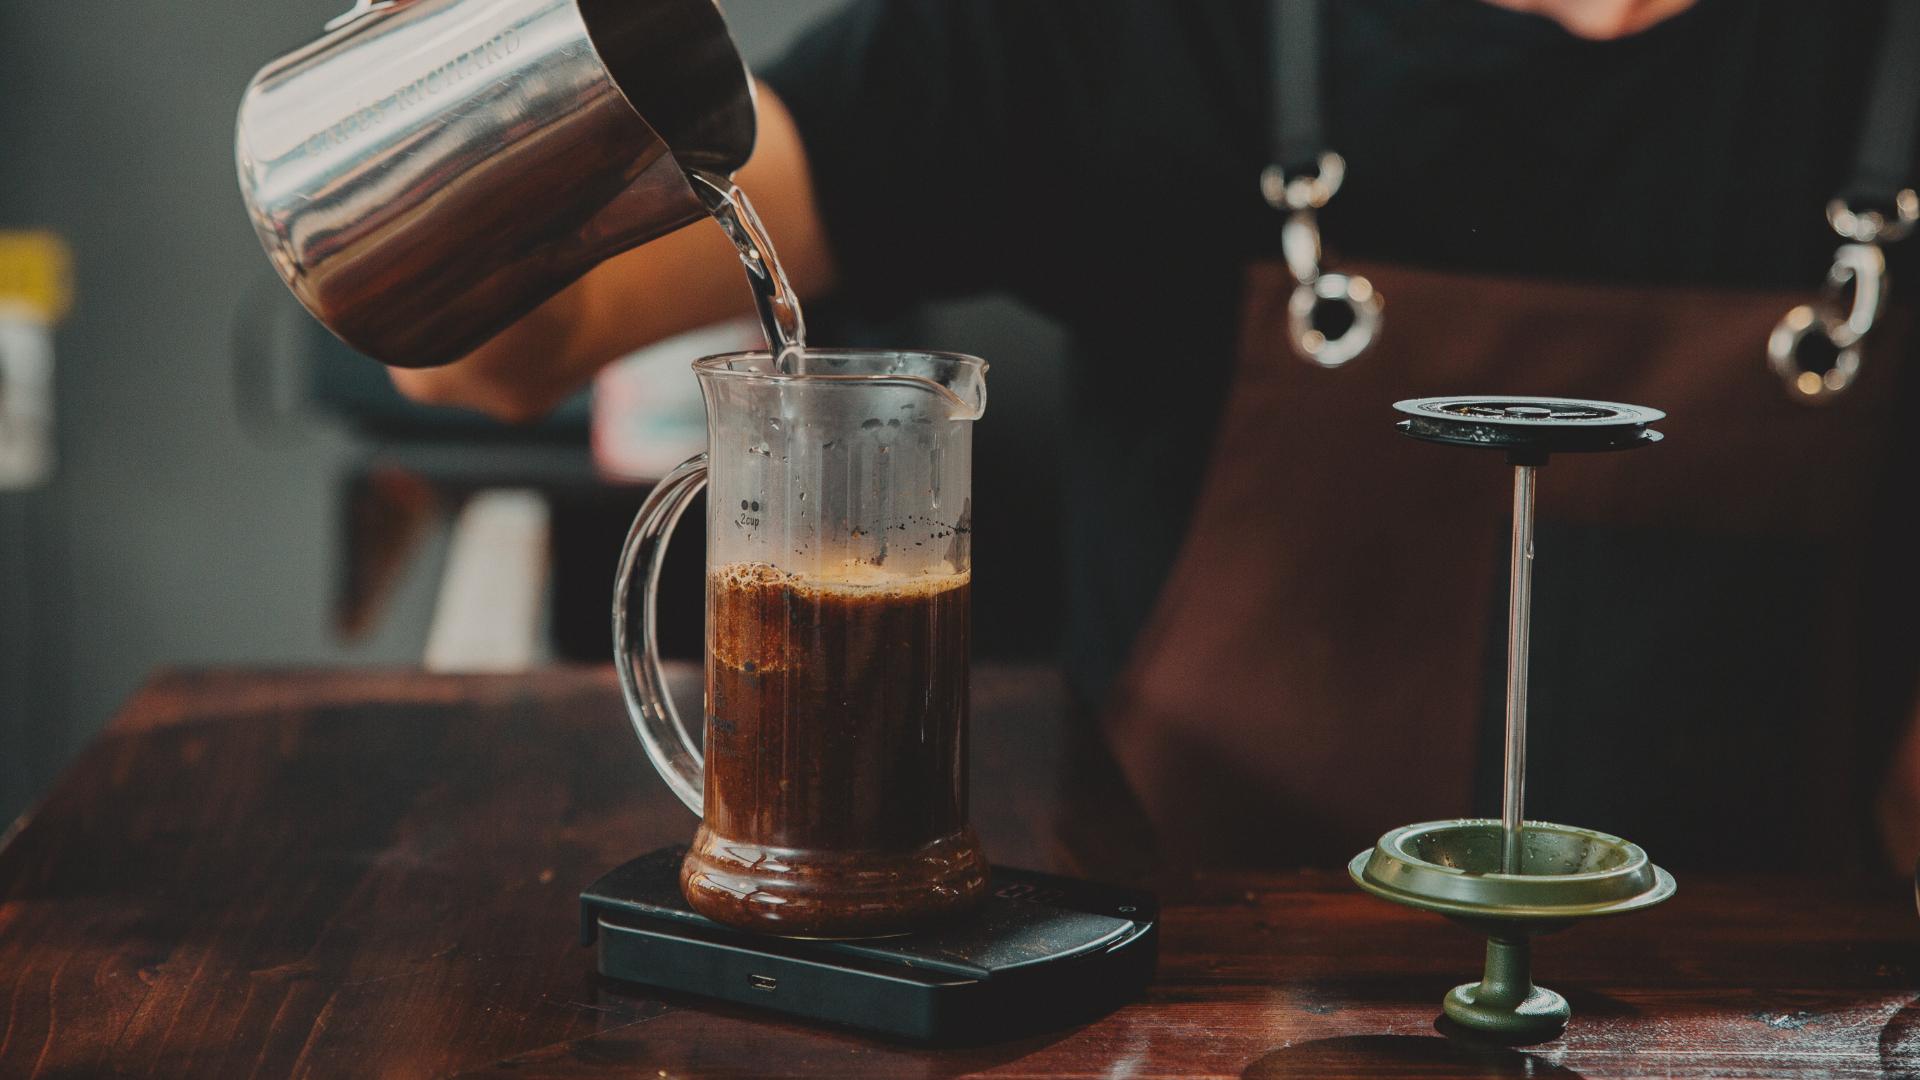 DISTRIBUIMOS CAFÉ ILLY